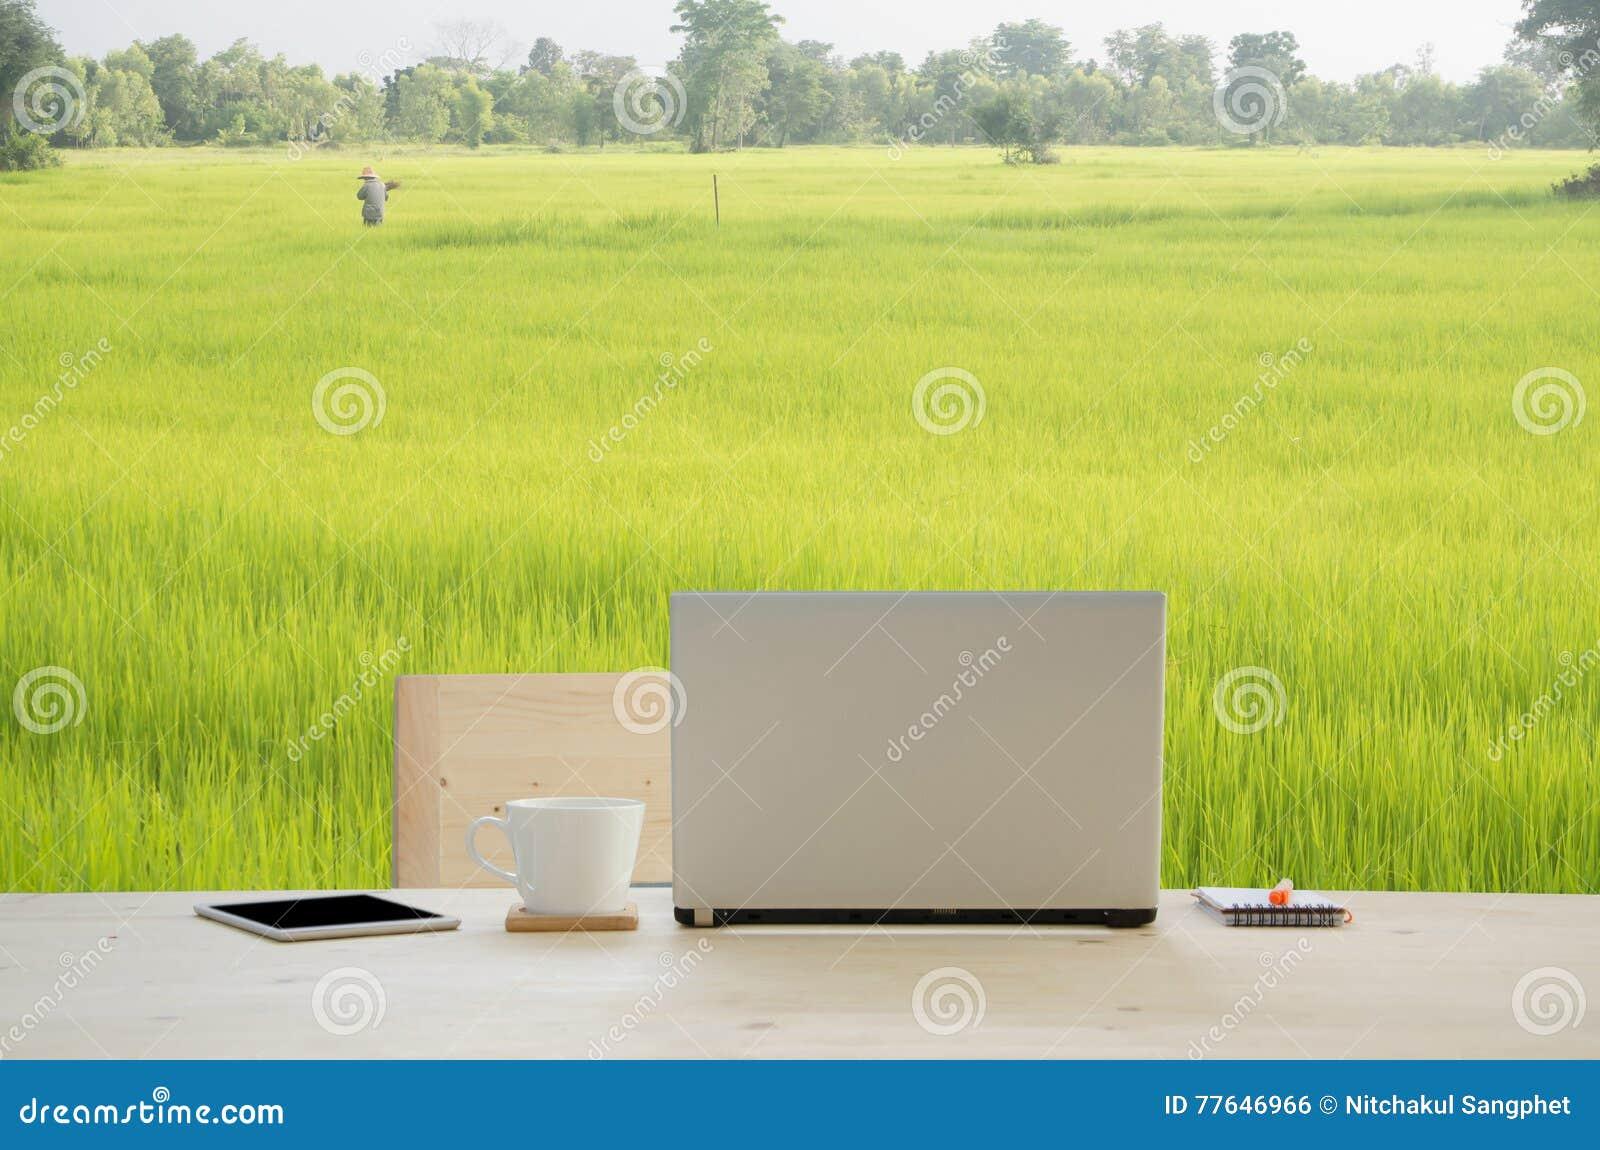 有笔记薄的办公桌,笔记本、铅笔和咖啡杯在米种田背景